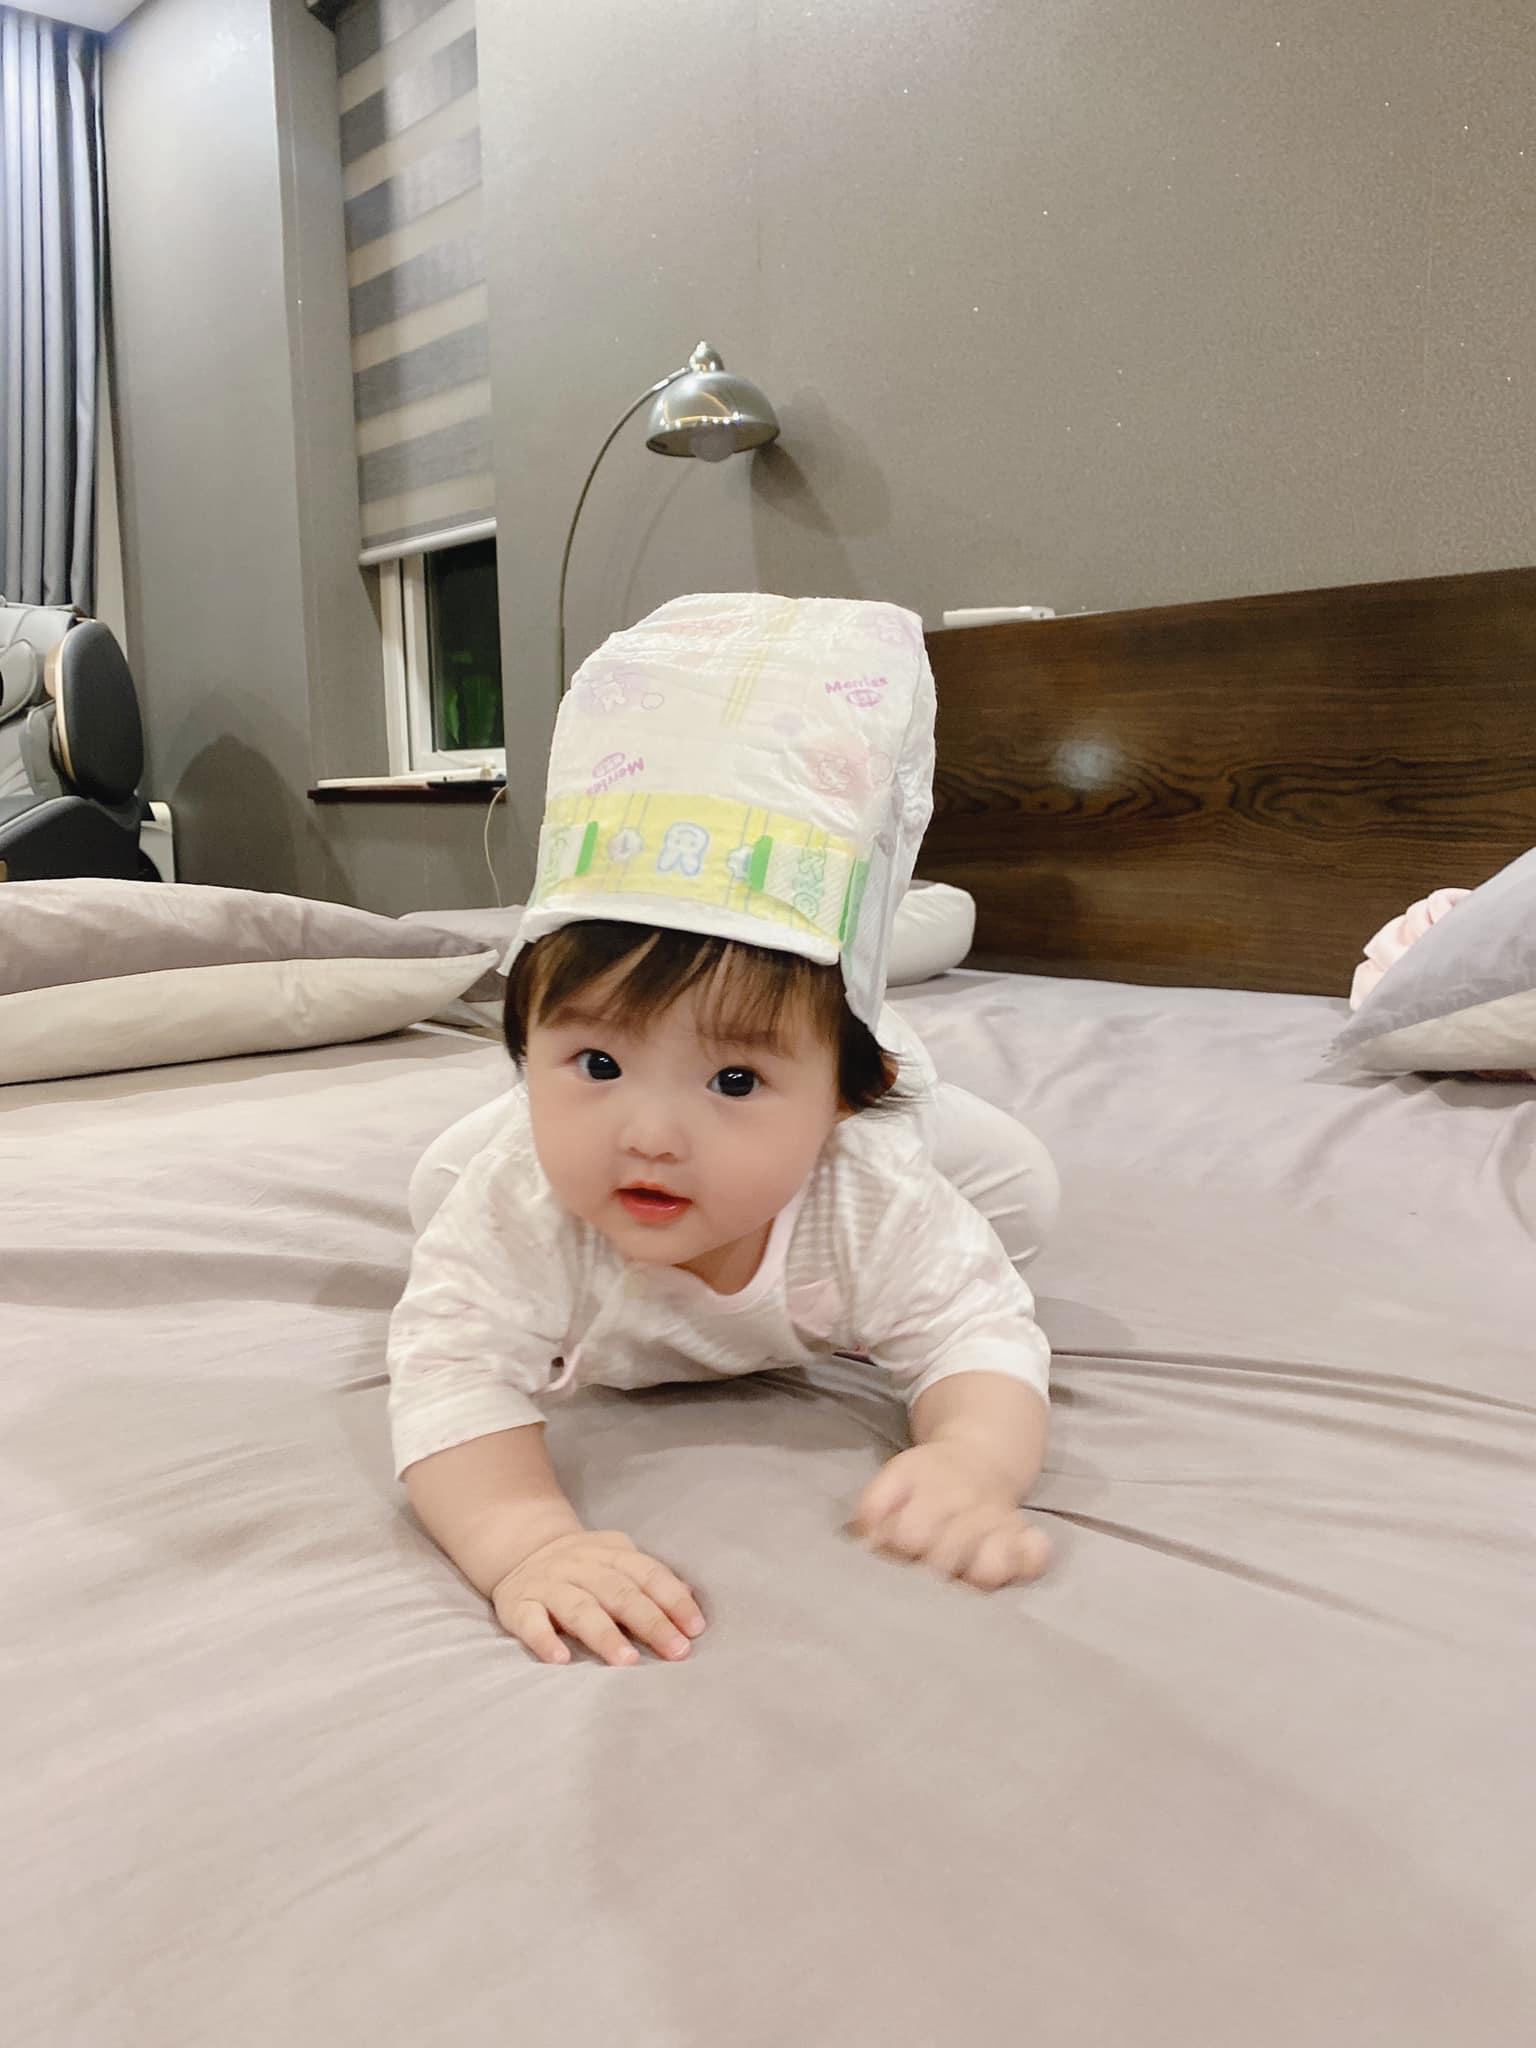 Tranh thủ Đông Nhi vắng nhà, Ông Cao Thắng lén trổ tài làm stylist cho con nhưng kết quả nhìn mà hờn thay Winnie! - Ảnh 2.